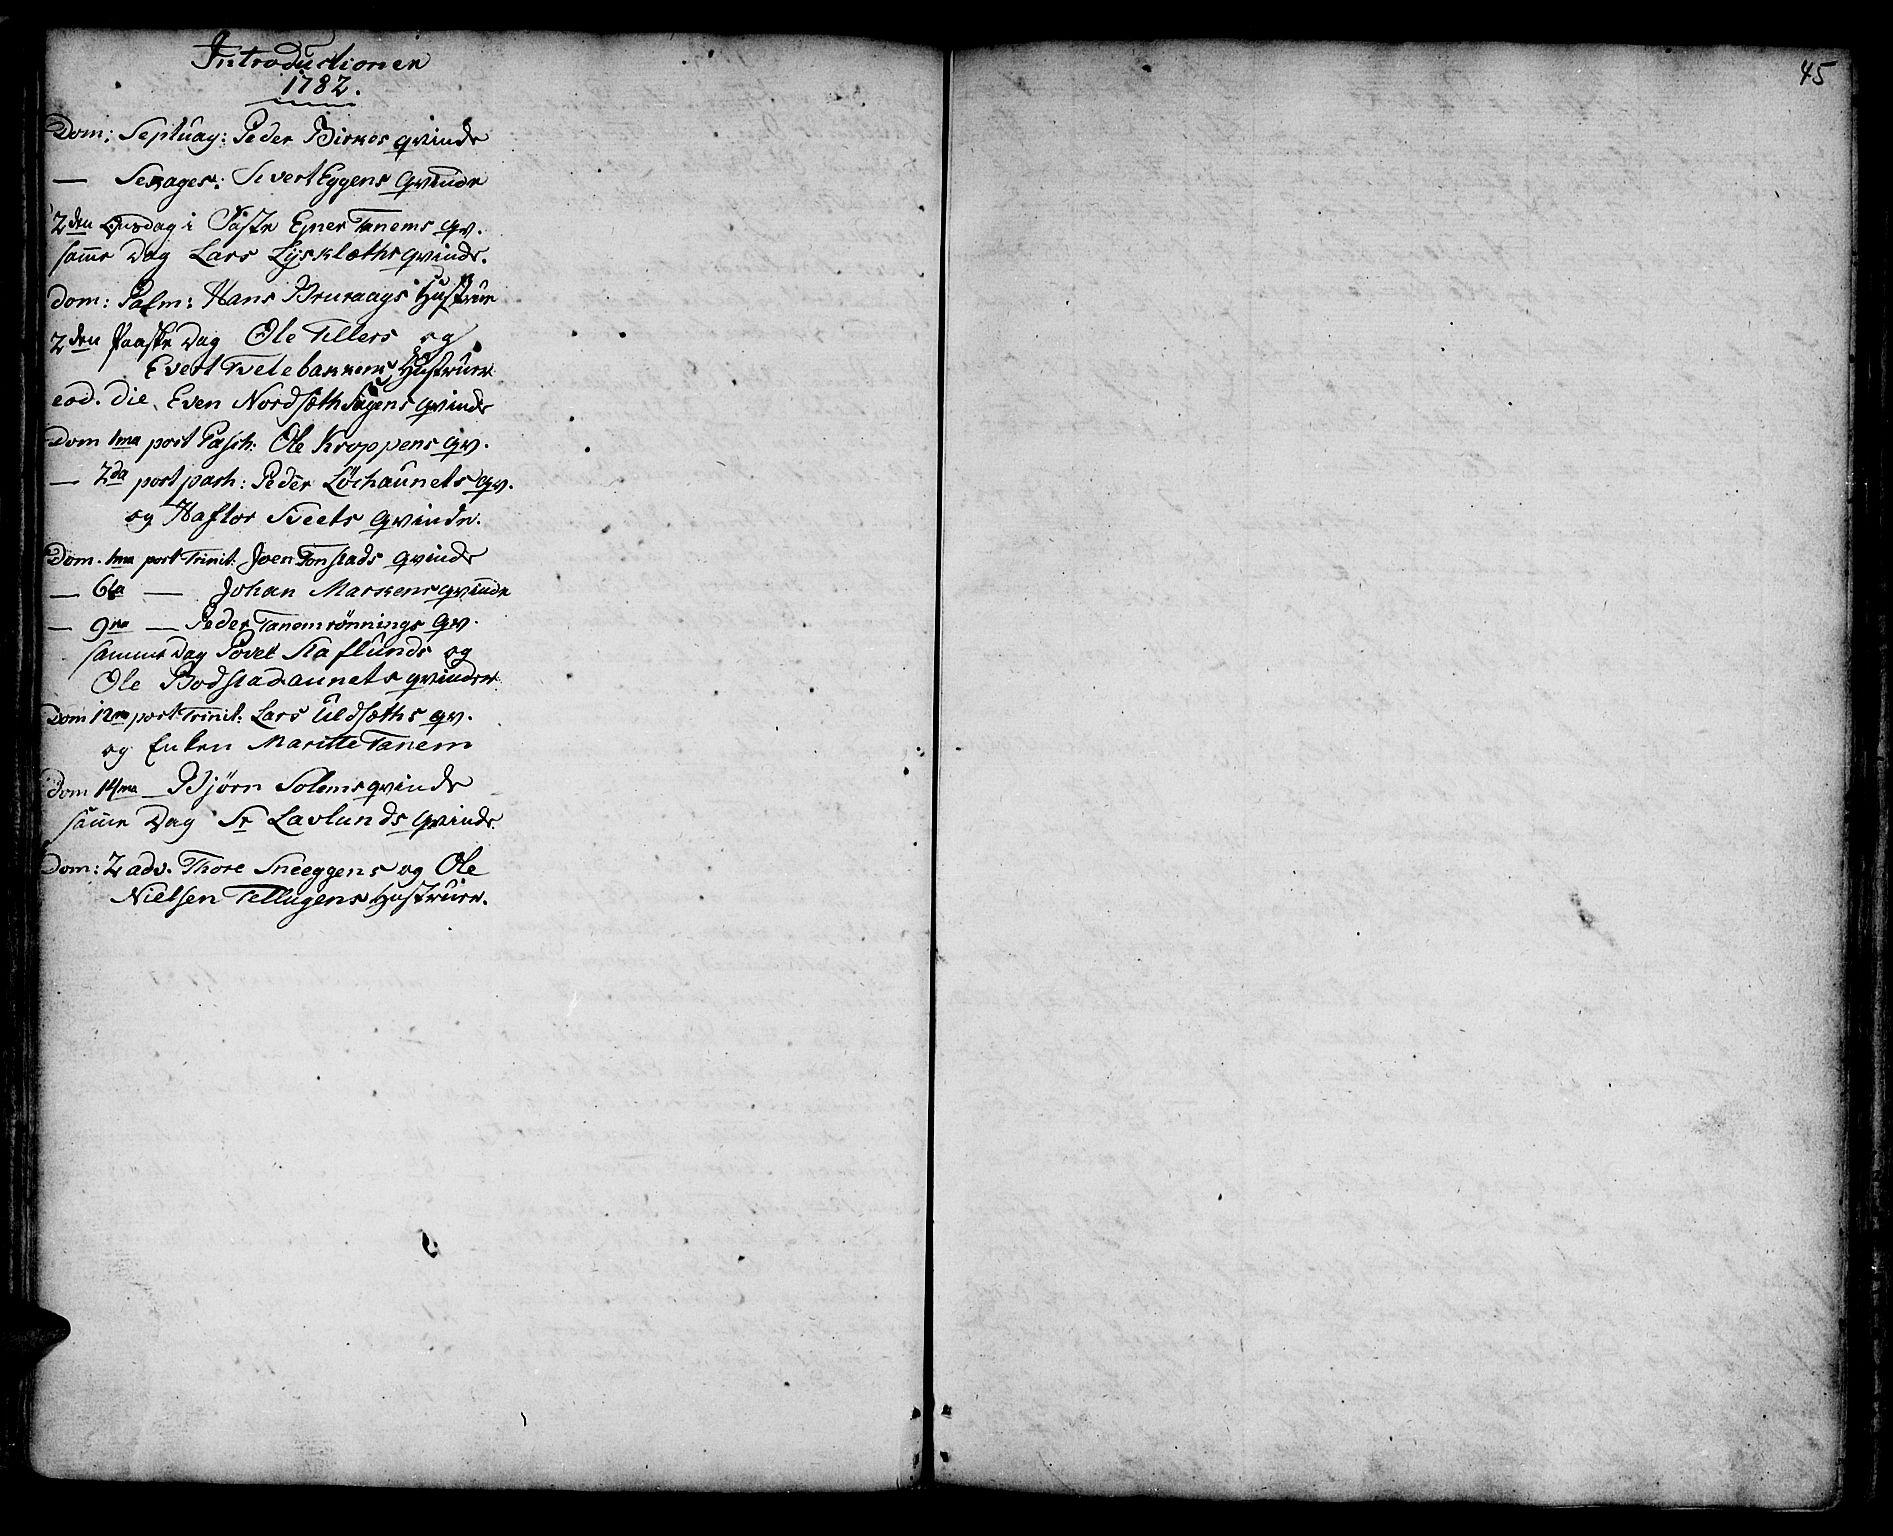 SAT, Ministerialprotokoller, klokkerbøker og fødselsregistre - Sør-Trøndelag, 618/L0437: Ministerialbok nr. 618A02, 1749-1782, s. 45